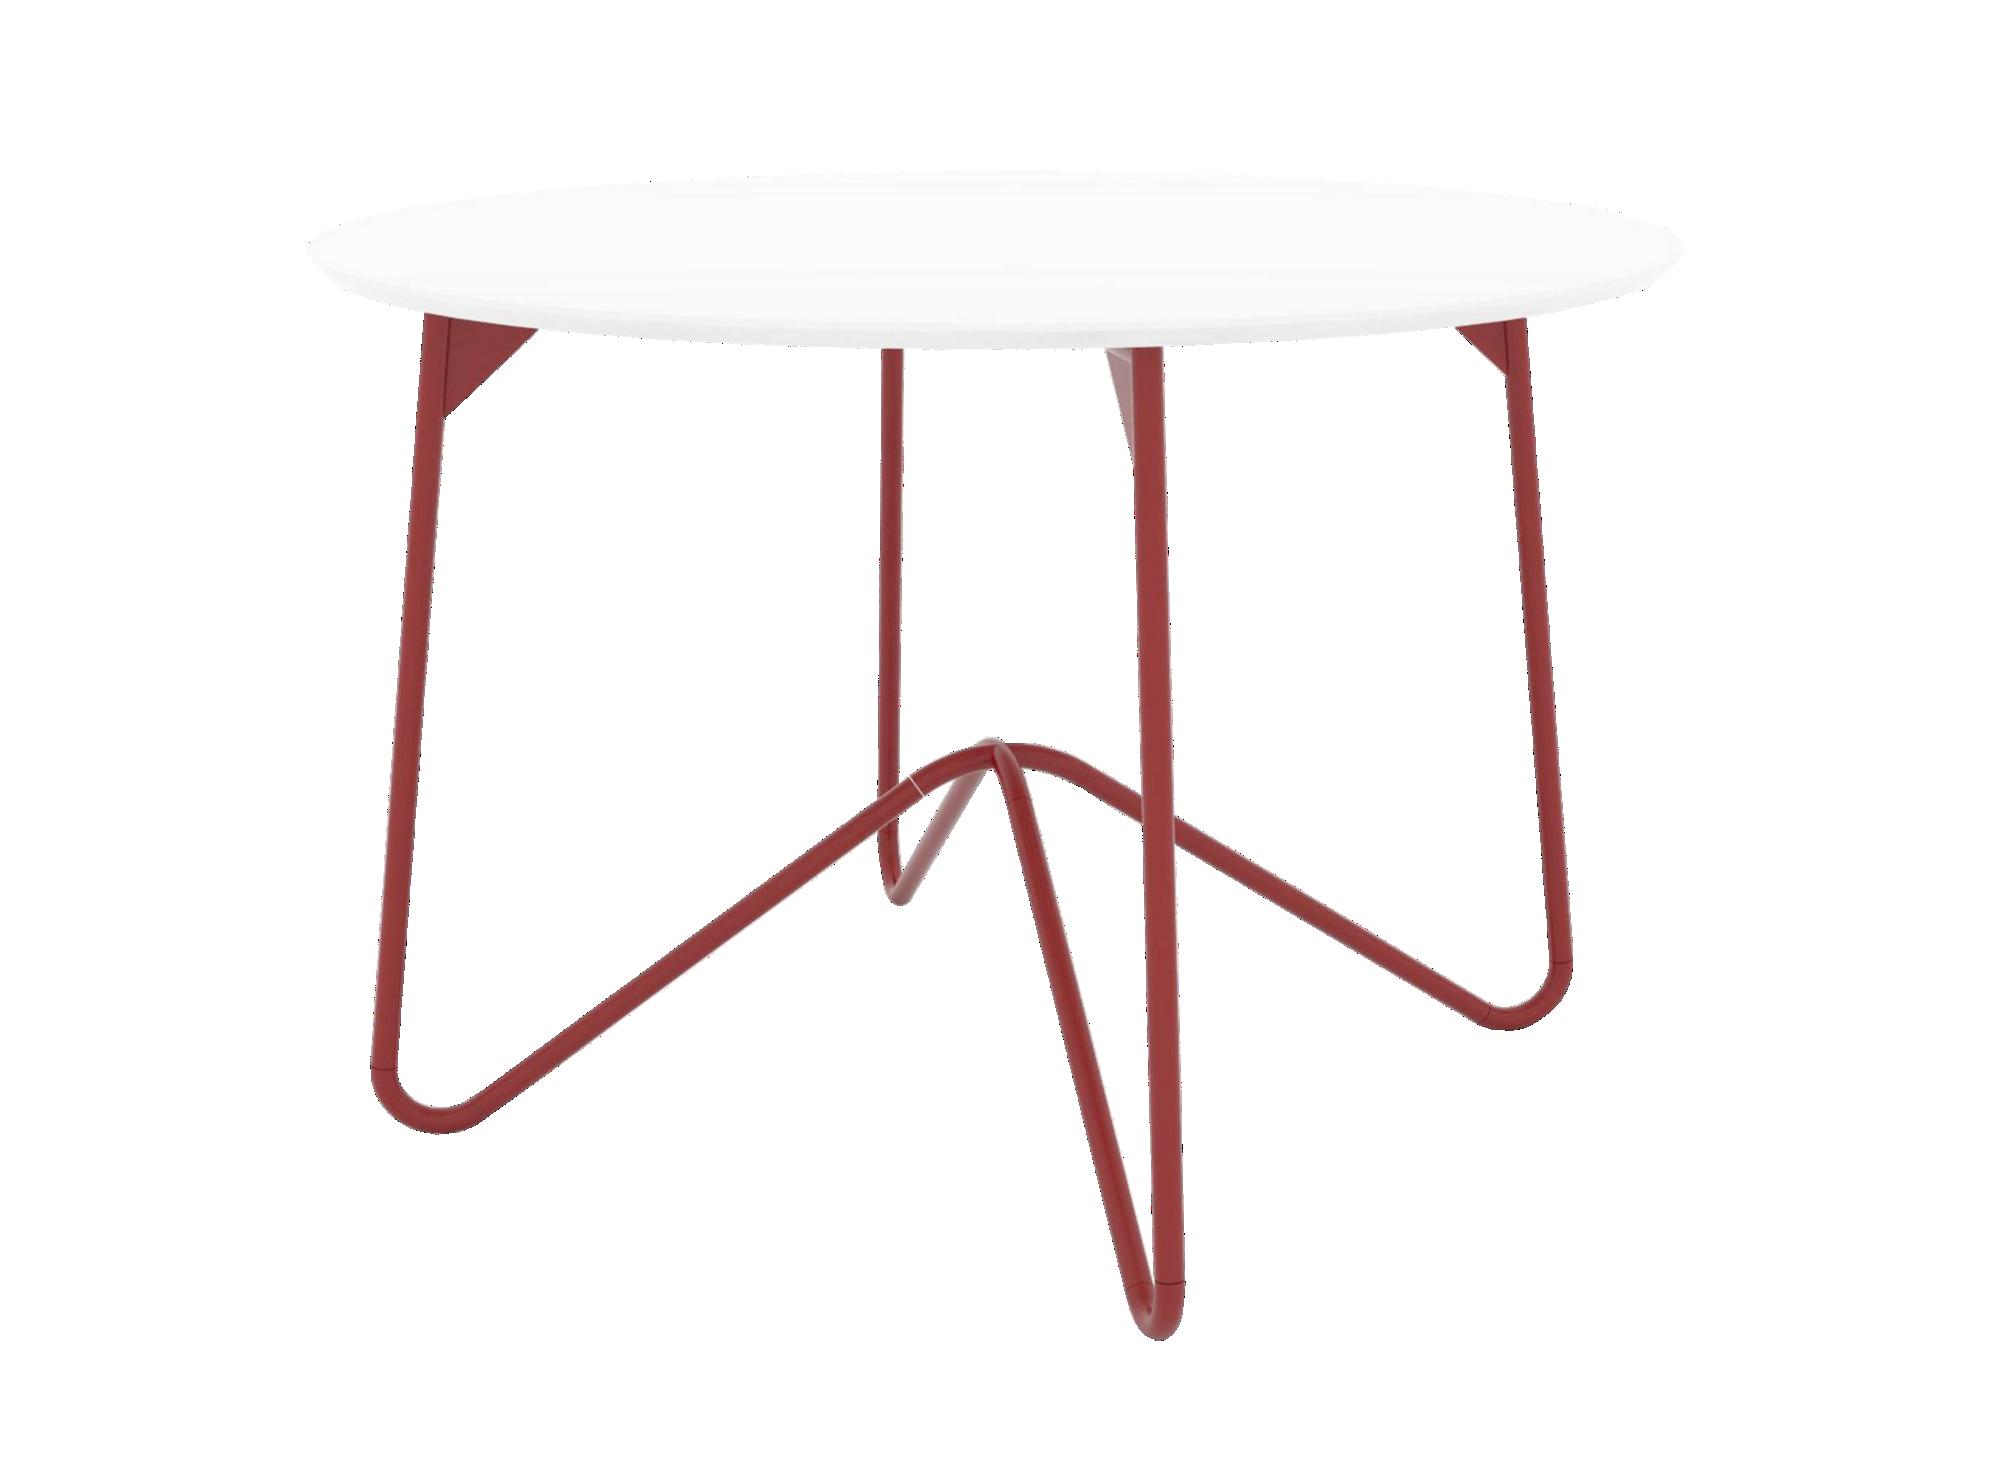 Table ronde structure et pietement en acie r revetu epoxy coloris rou ...